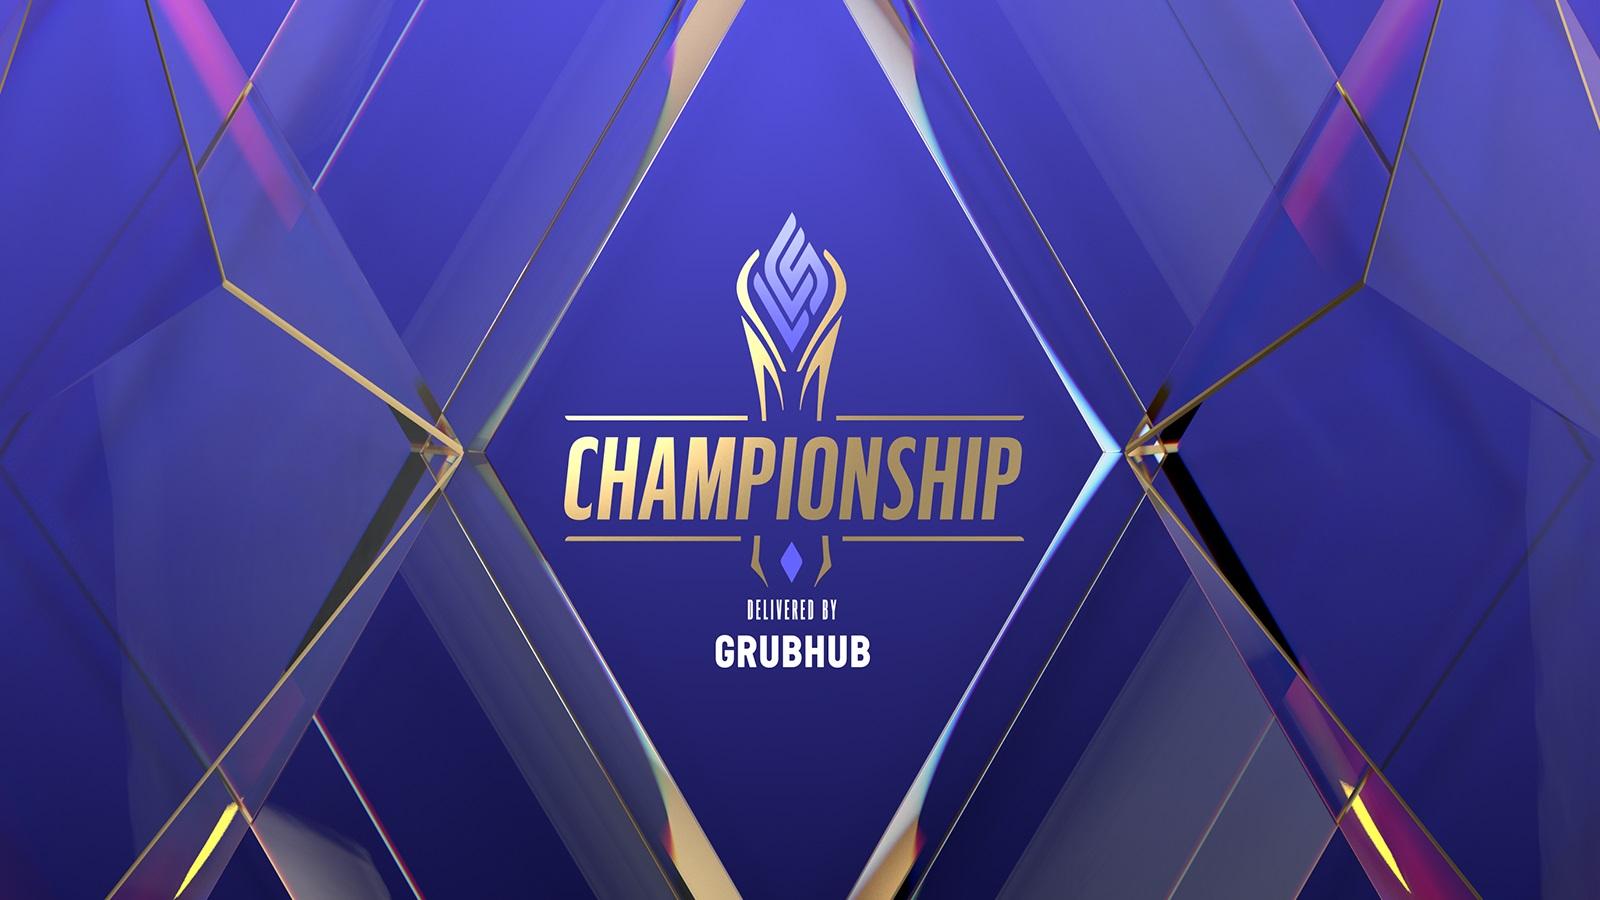 LCS Championship